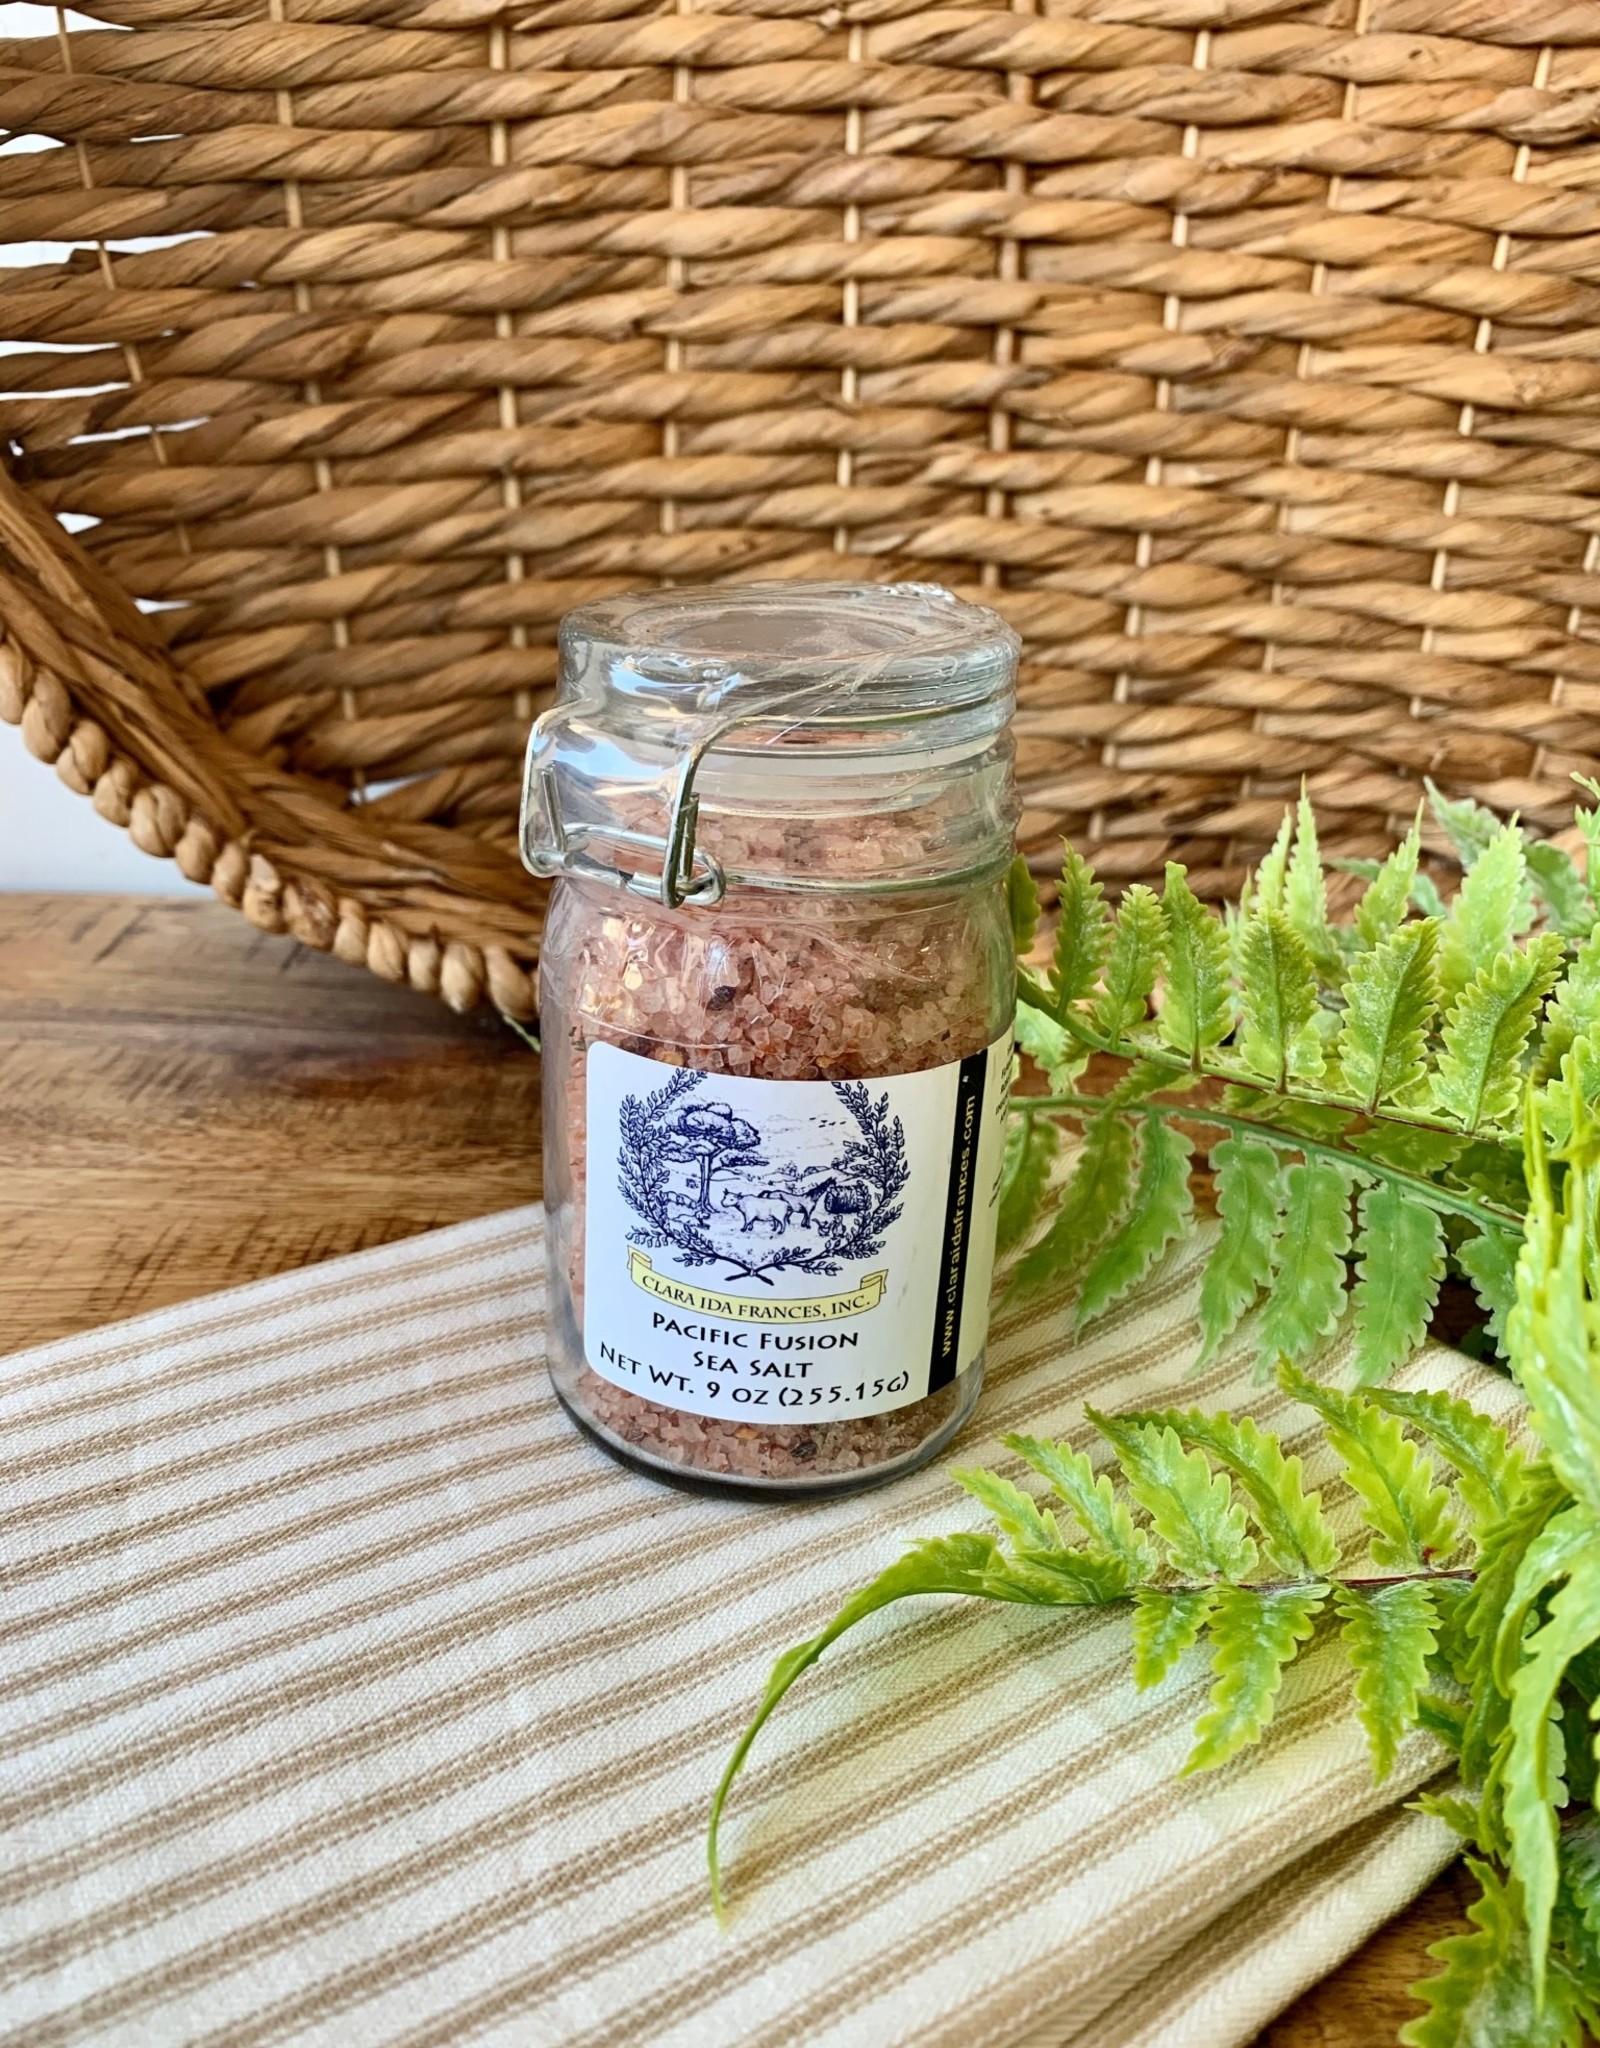 Pacific Fusion Sea Salt Jar